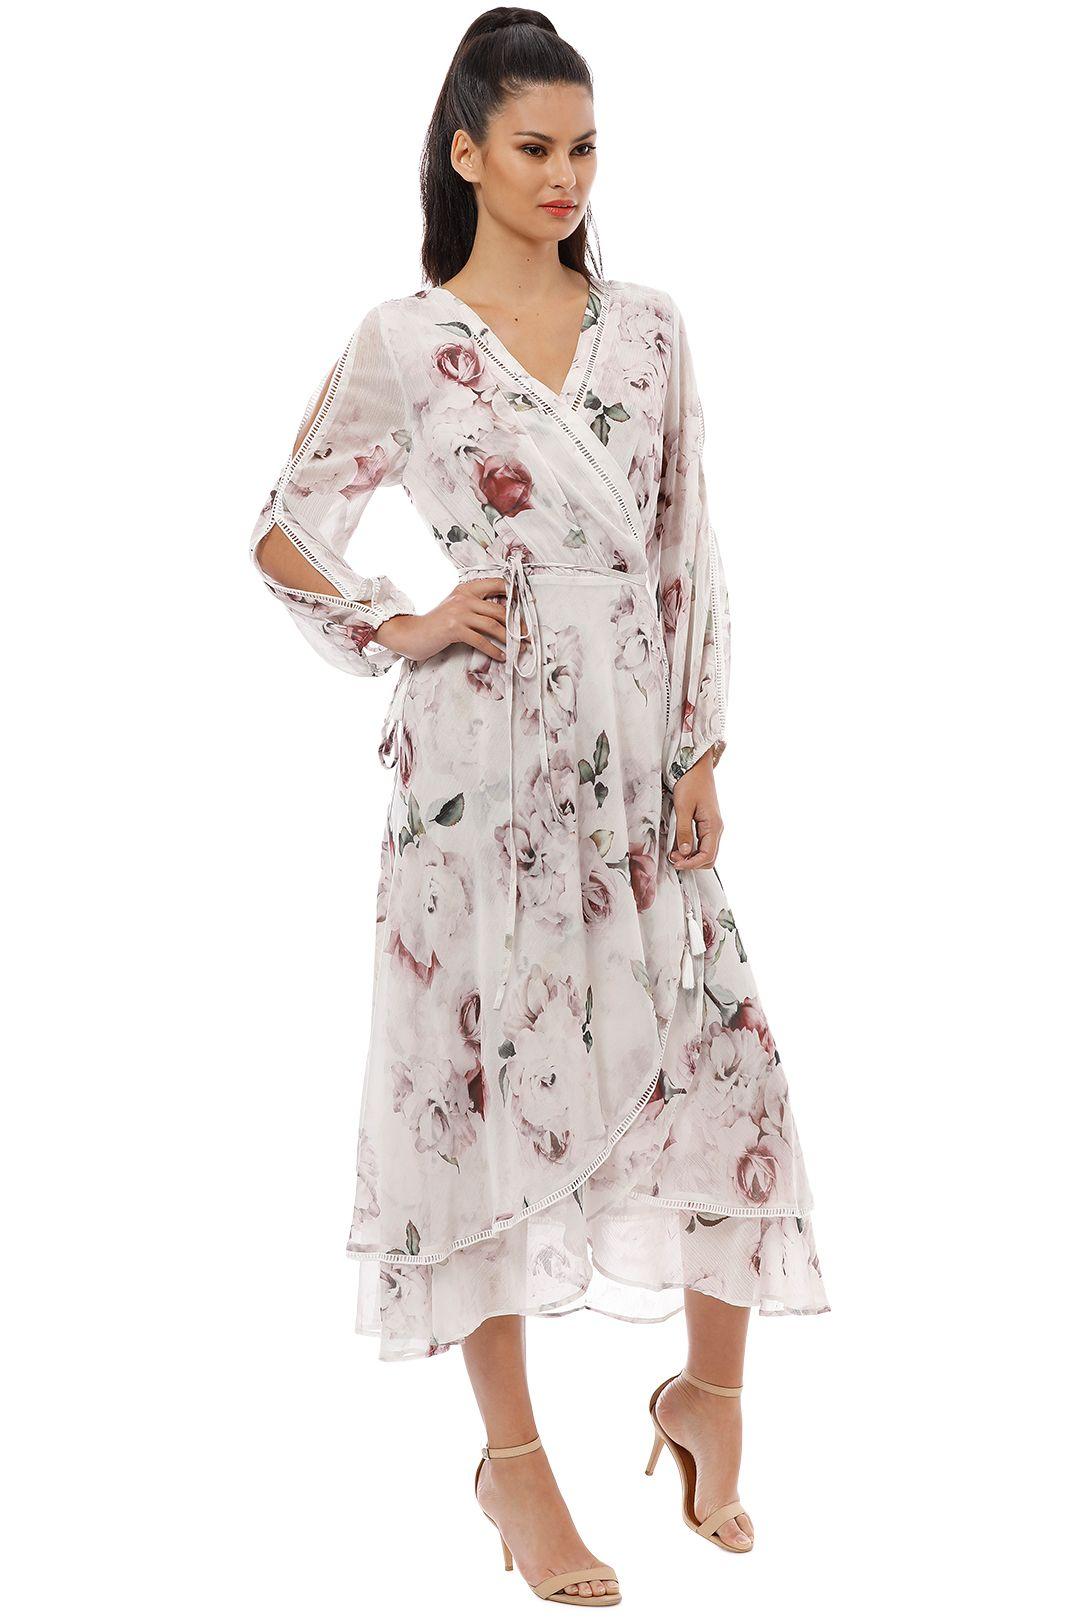 We Are Kindred - Jemima Primrose Dress - White Rose - Side